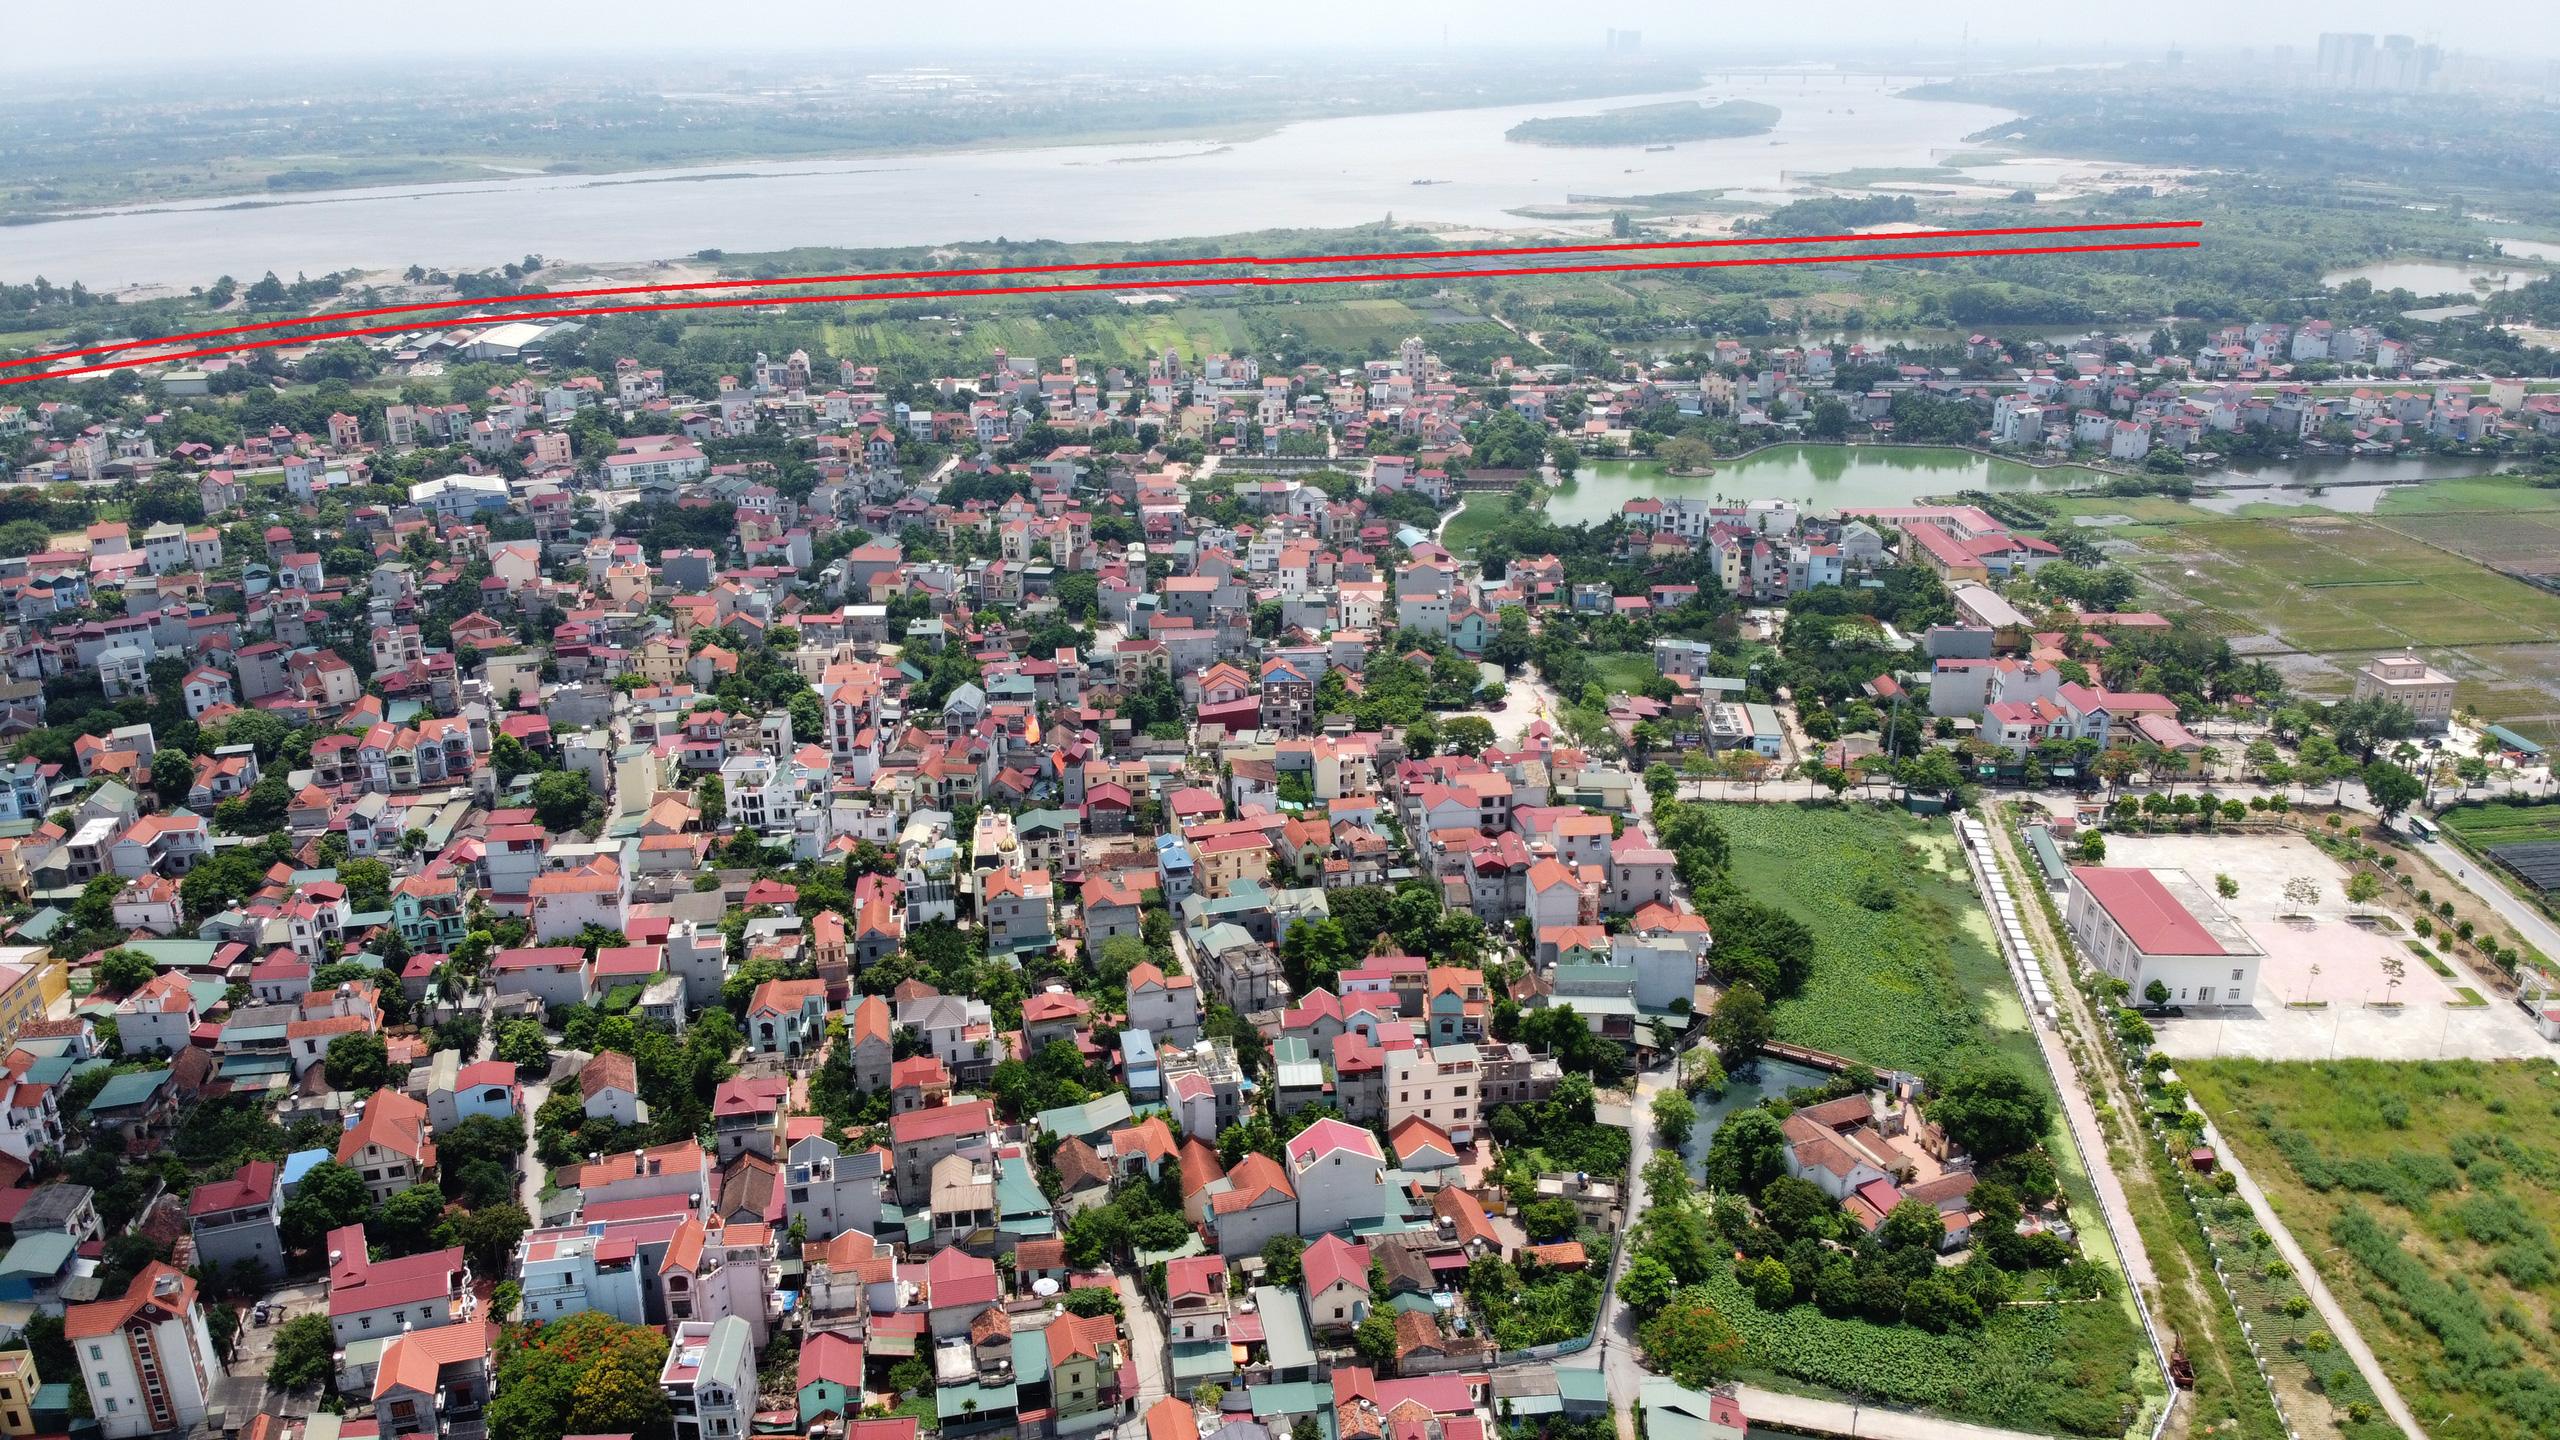 Kế hoạch sử dụng đất phường Thượng Cát, Bắc Từ Liêm, Hà Nội năm 2021 - Ảnh 1.